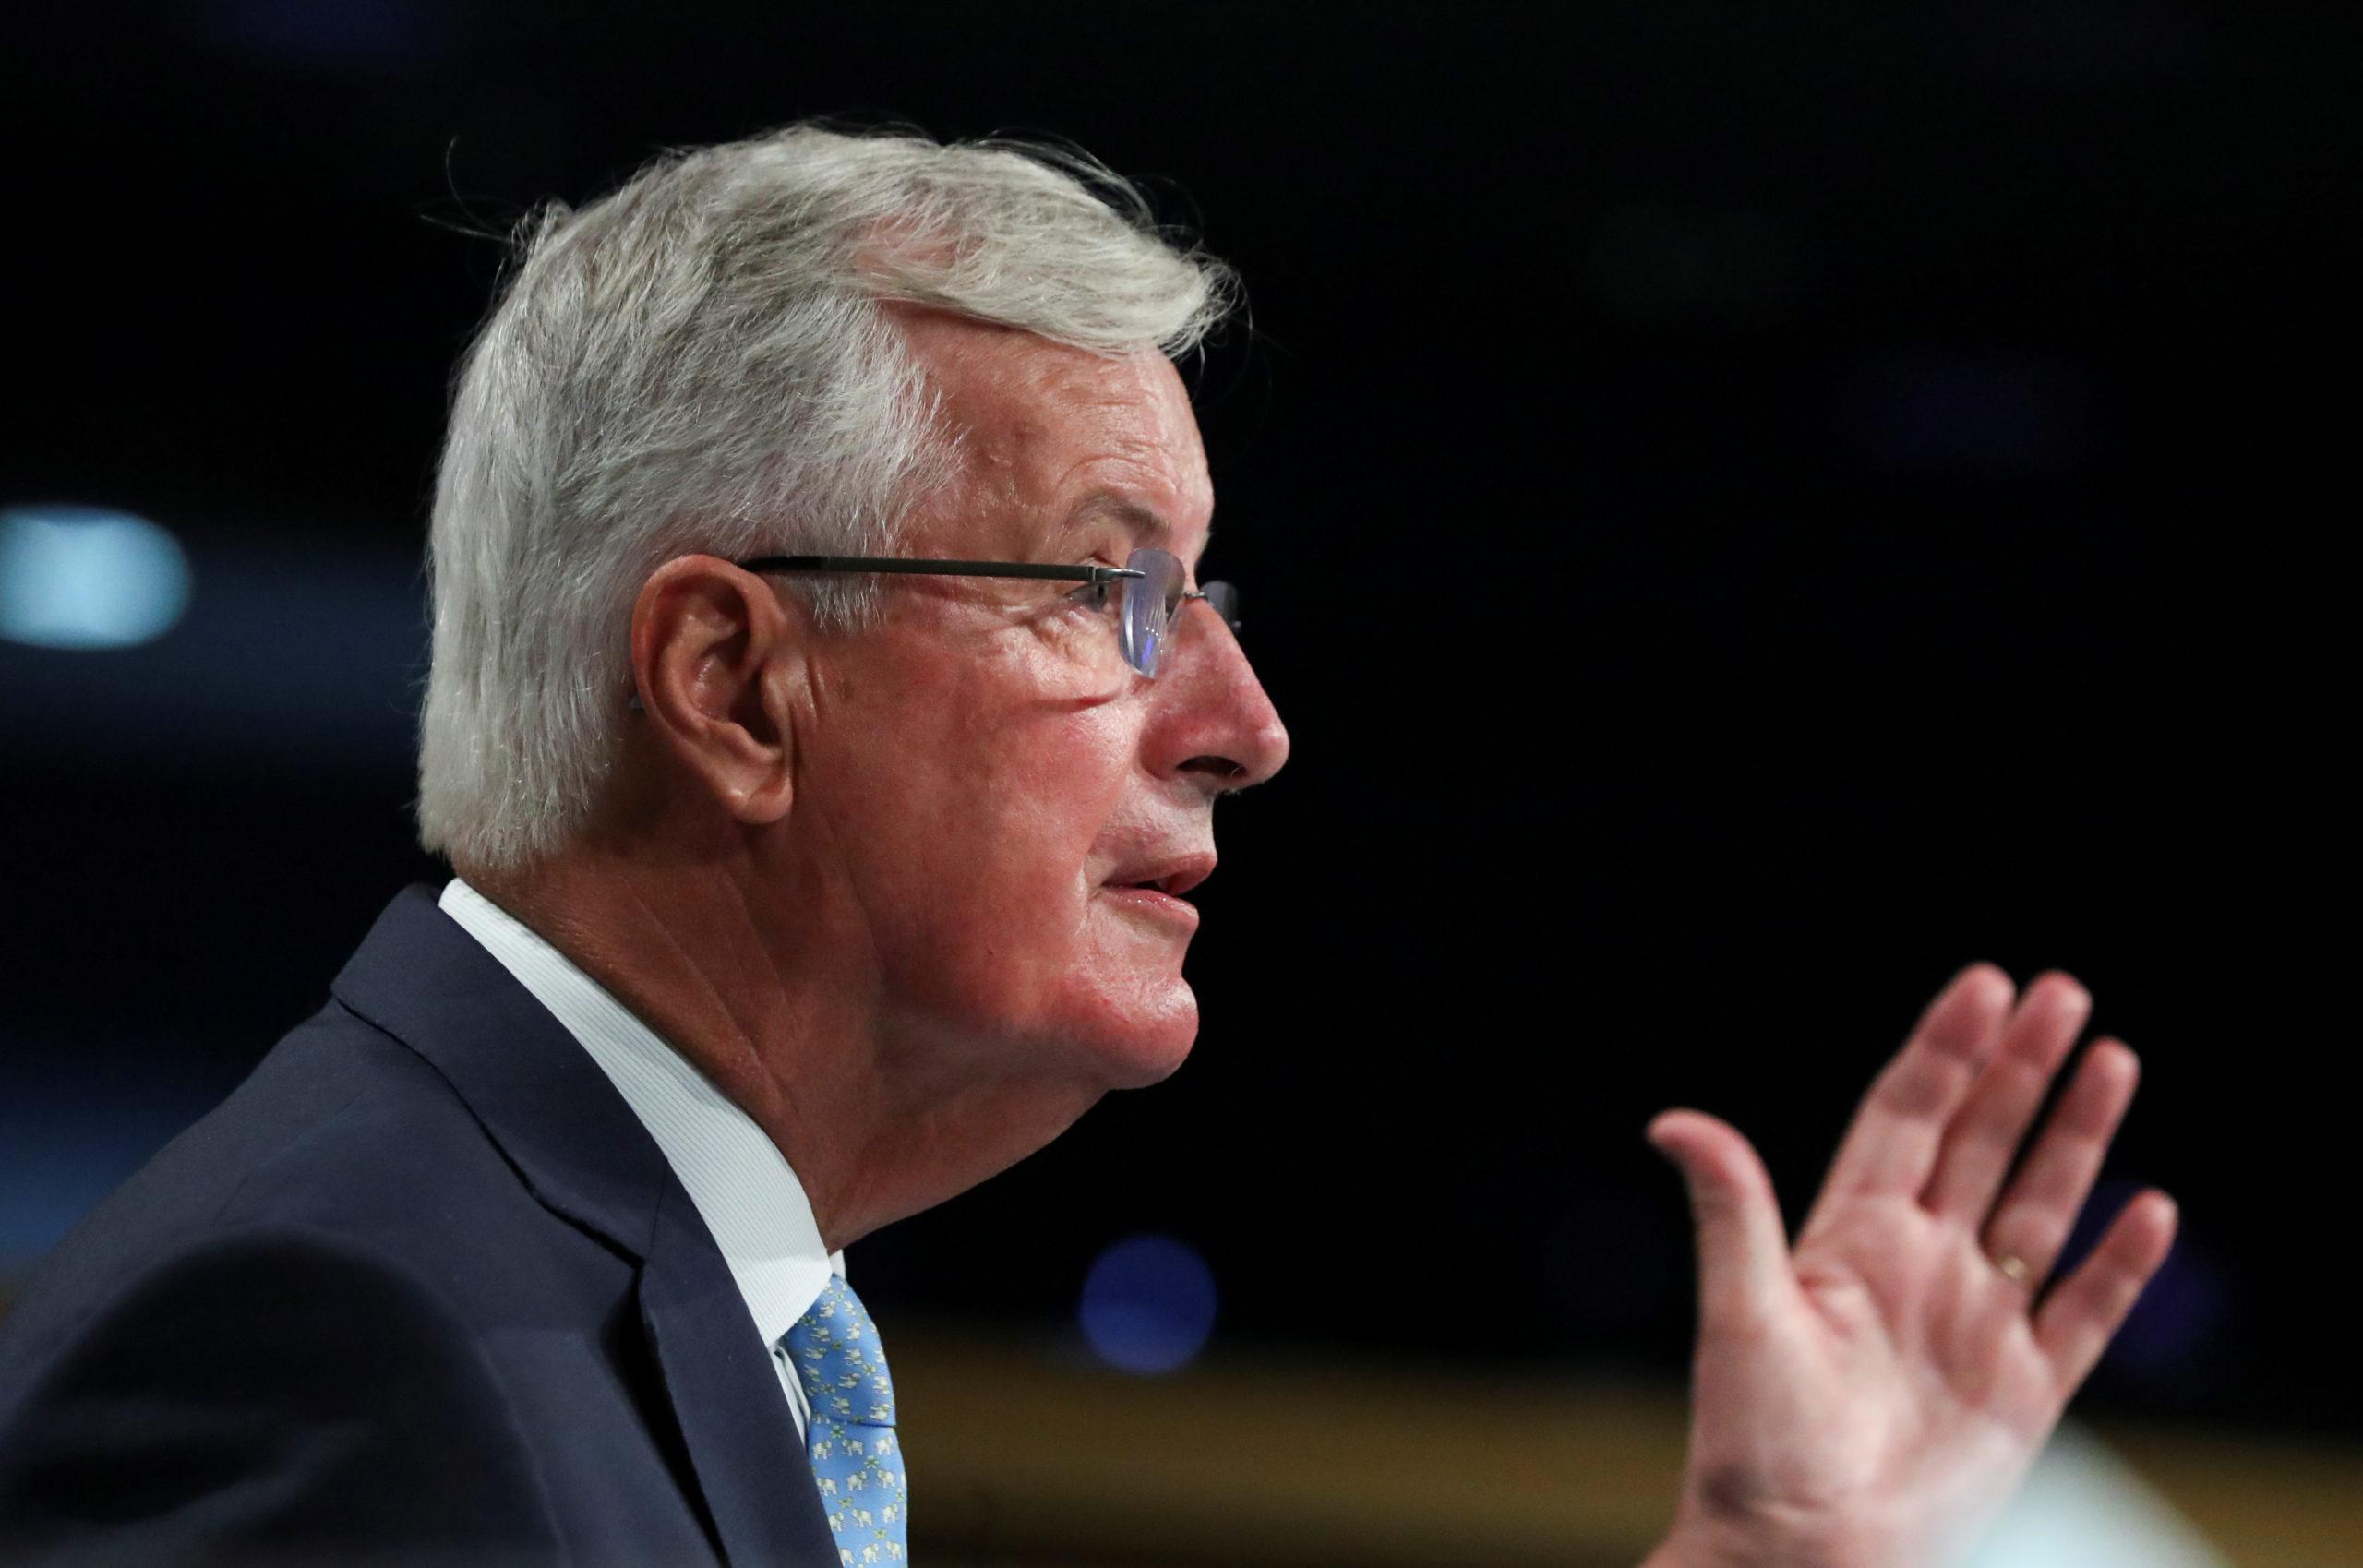 Brexit: Barnier juge un accord peu probable, Londres à peine plus optimiste